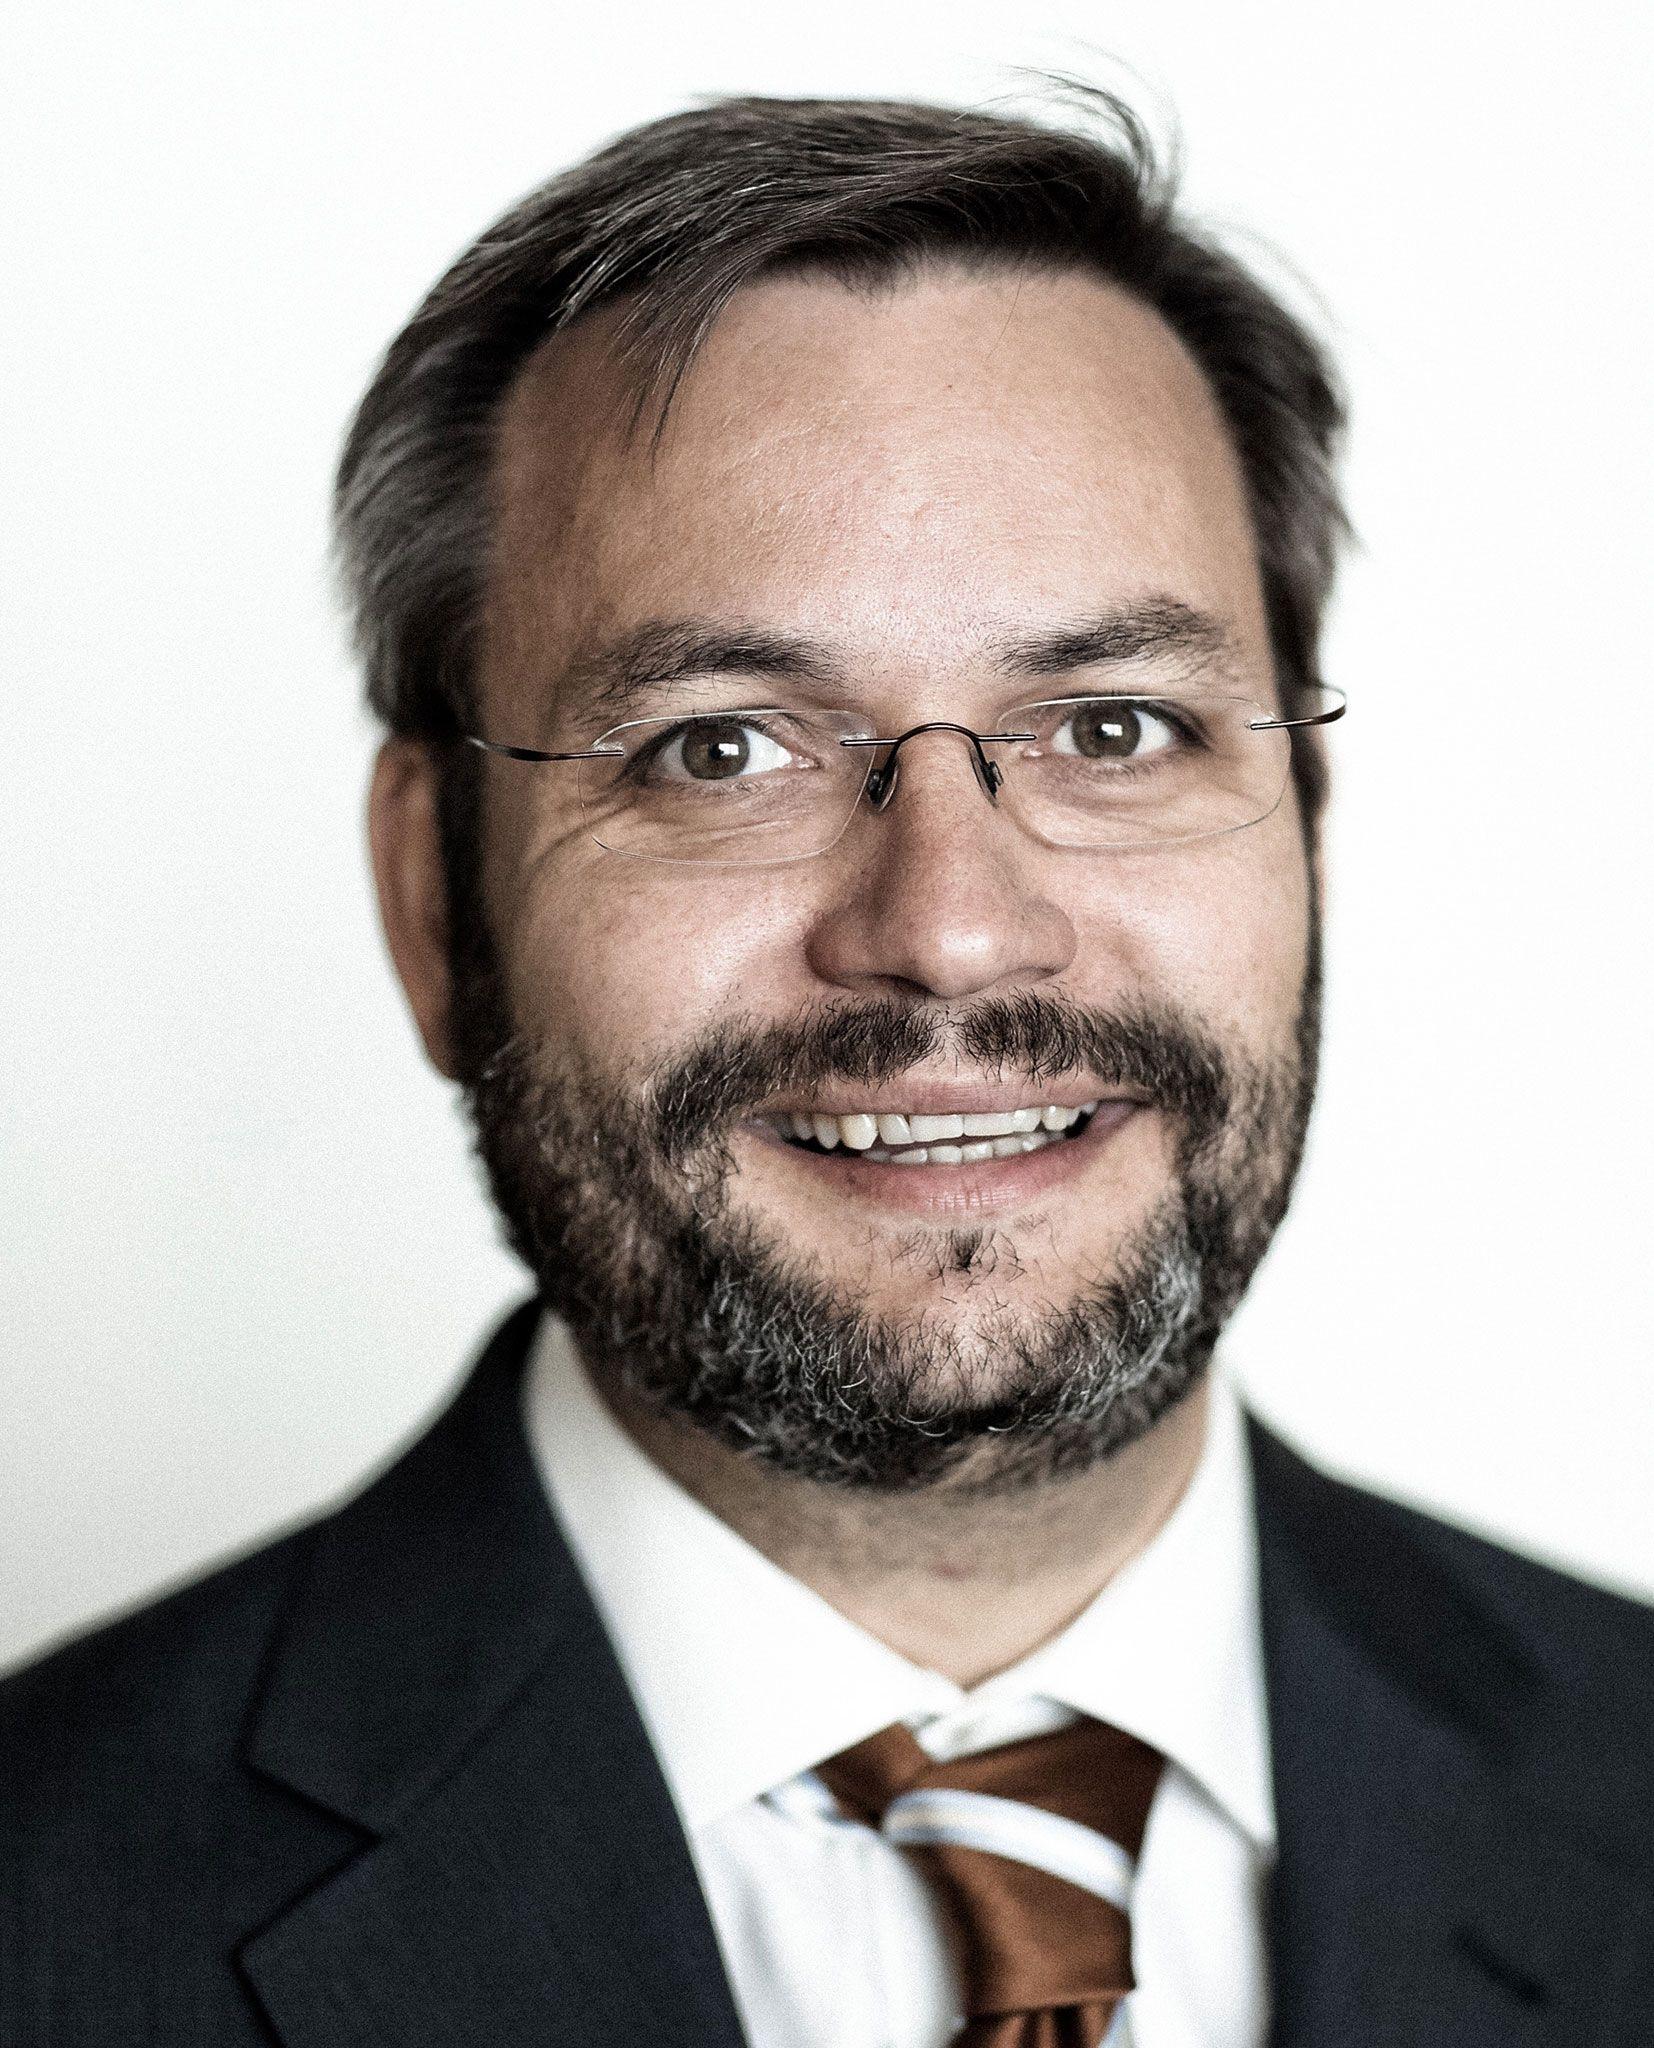 Haakon Taule